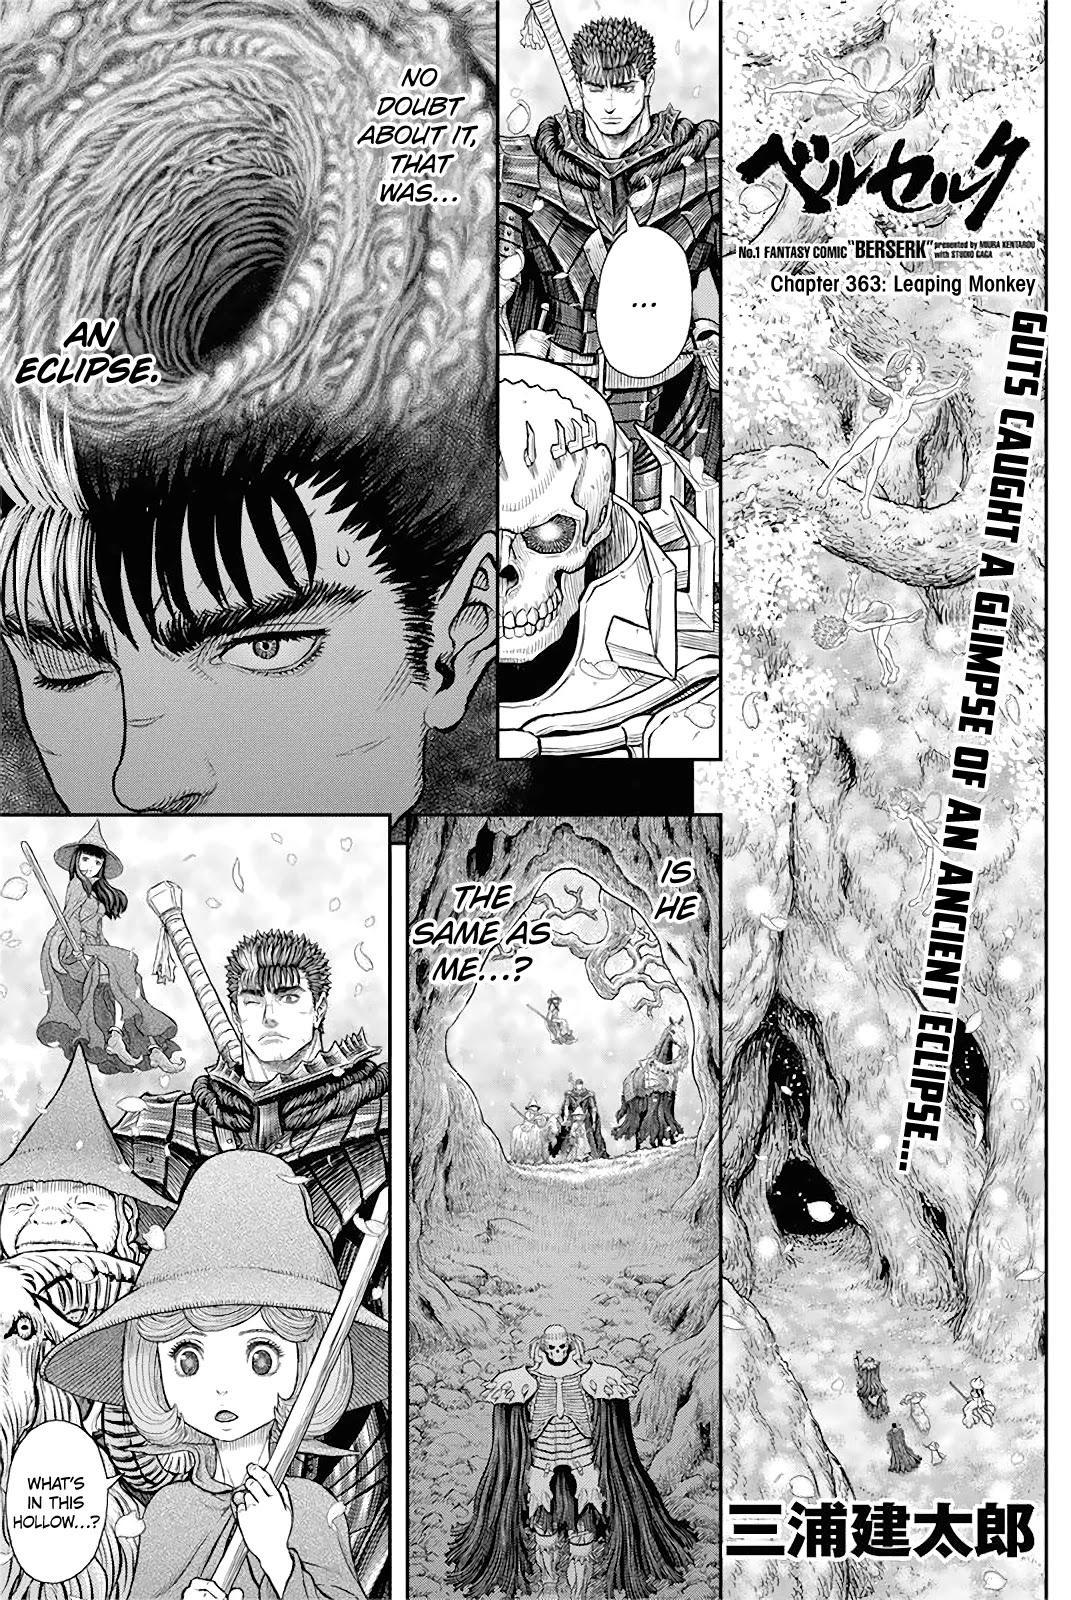 Berserk Chapter 363: Leaping Monkey page 1 - Mangakakalot